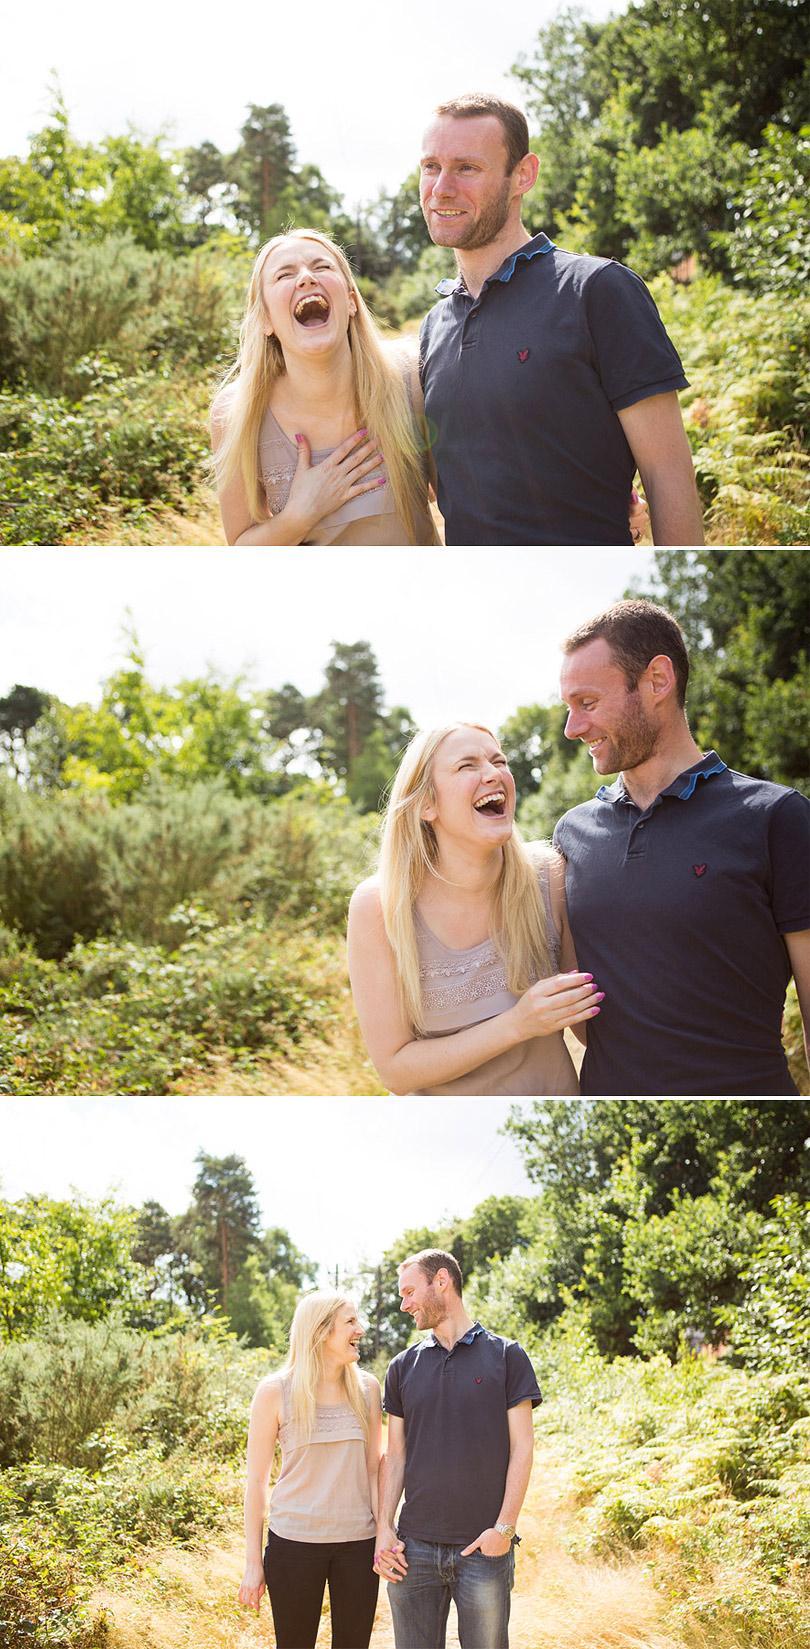 Vicki-&-James-Beloved.jpg